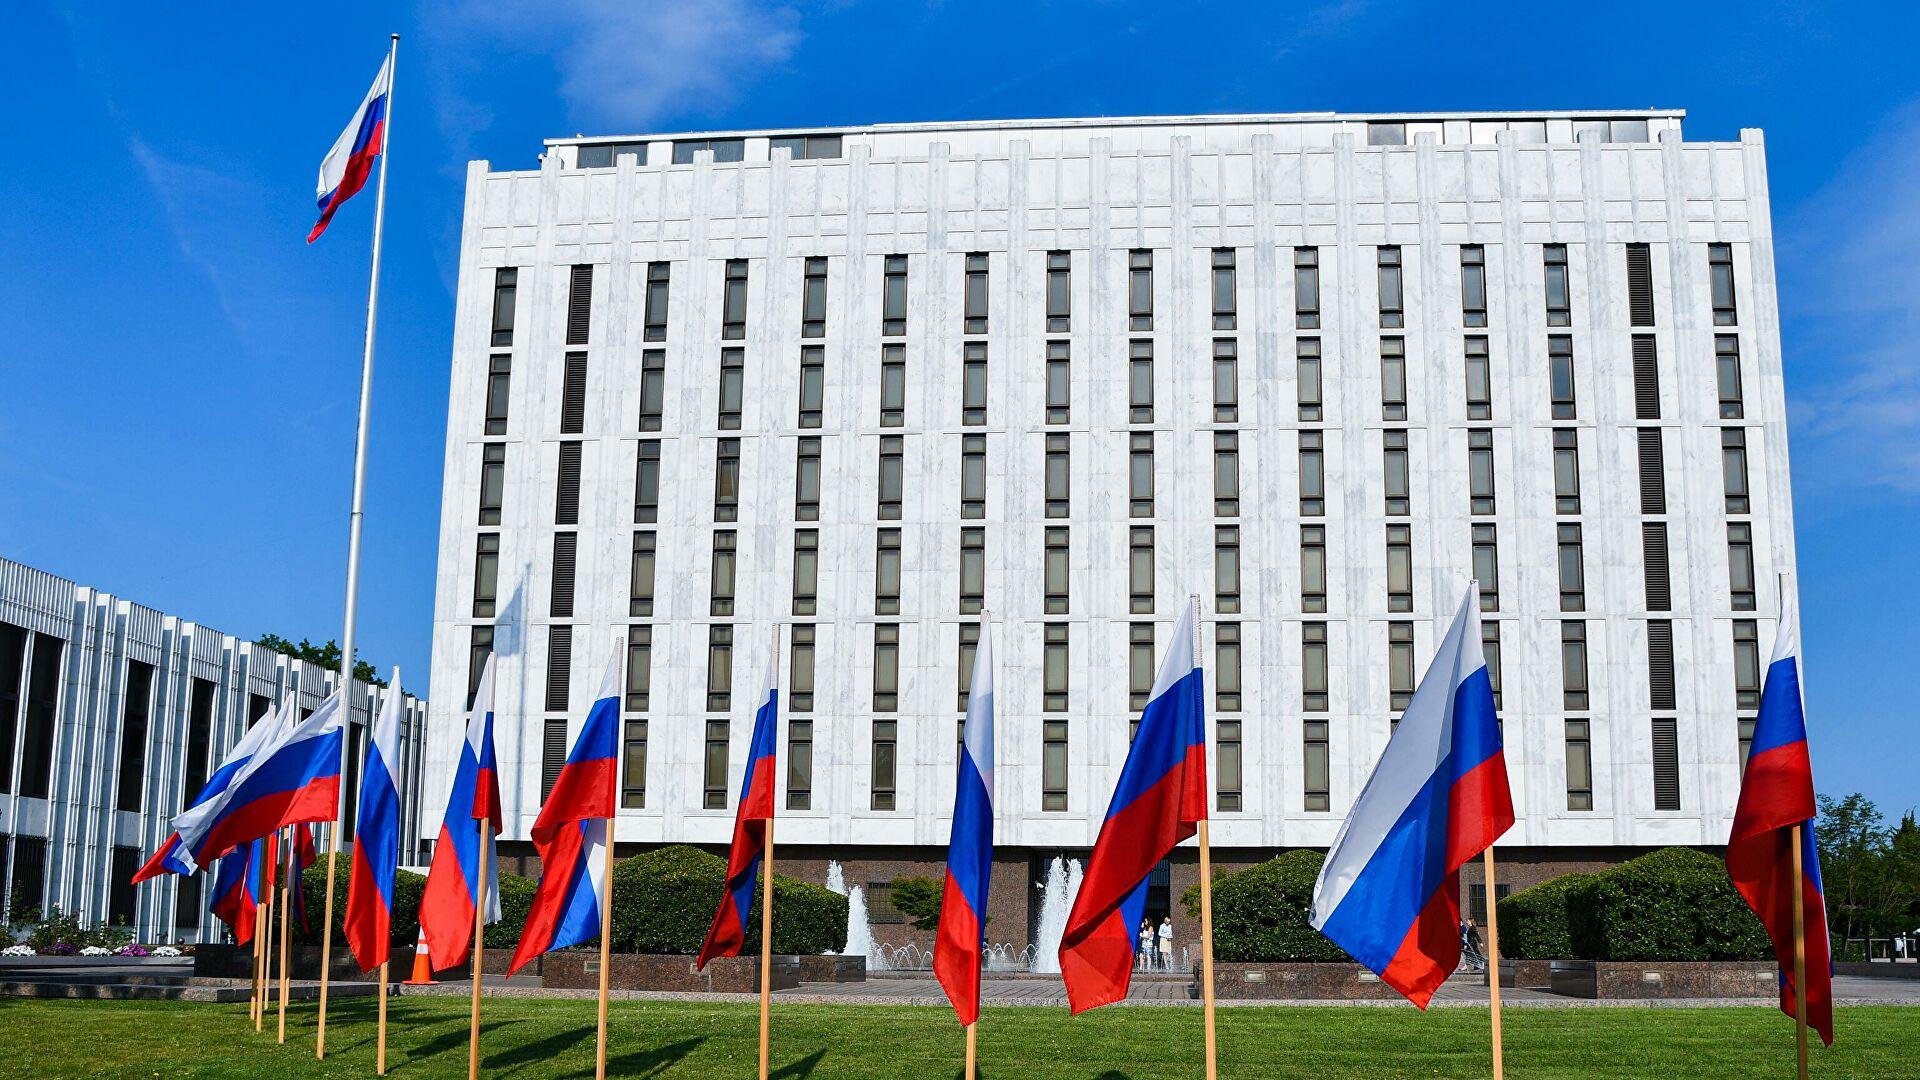 Антонов: САД затражиле да 24 руске дипломате напусте земљу пре 3. септембра